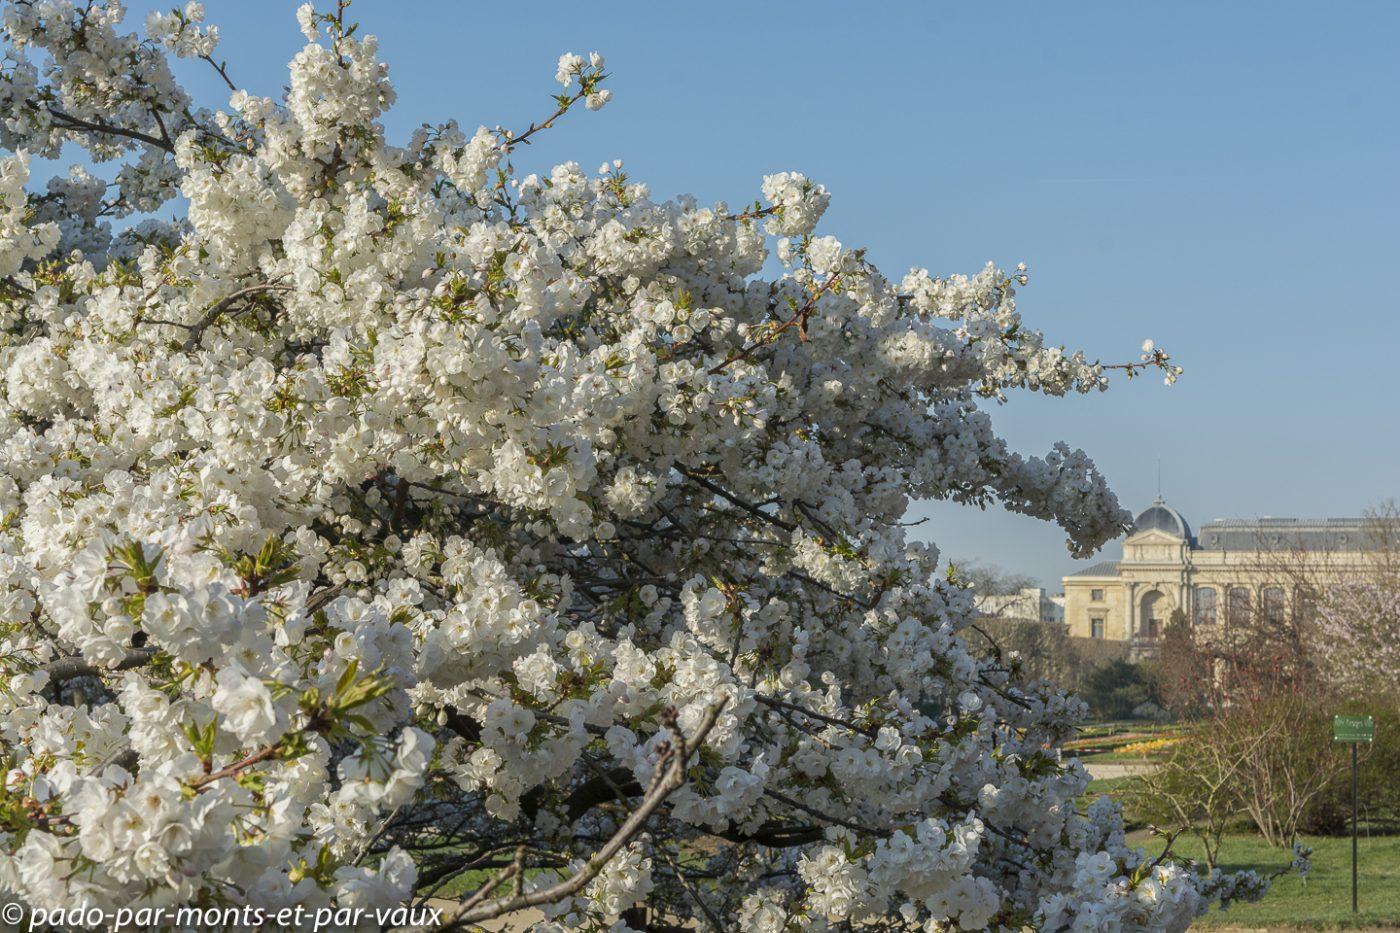 Jardin des plantes - Paris - prunus